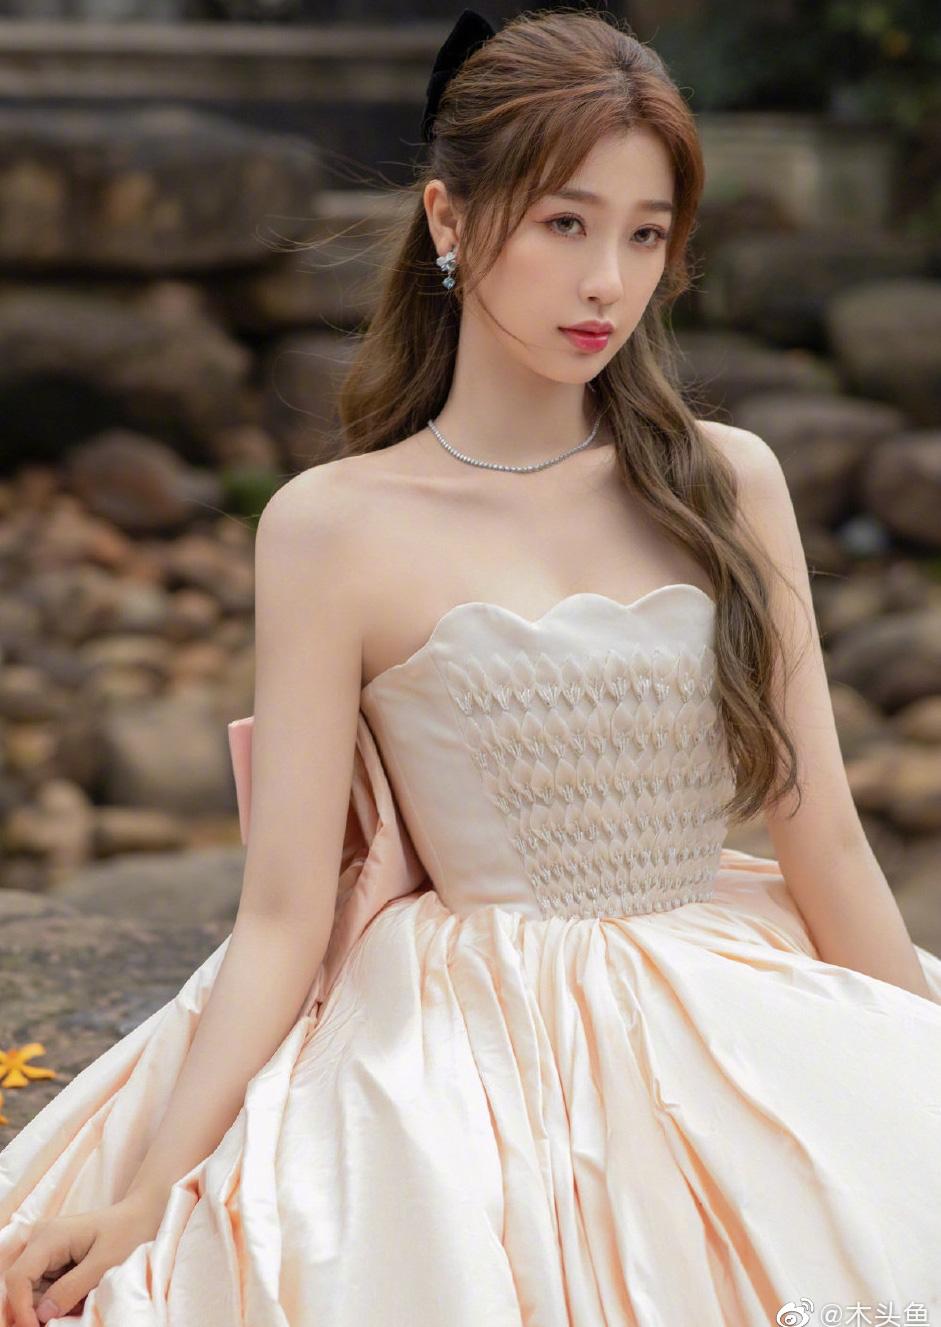 """5 mỹ nhân Trung Quốc đời thường: Triệu Lệ Dĩnh quyến rũ hút mắt, """"Nữ thần Kim Ưng"""" vẫn bị chê điều này - Ảnh 9."""